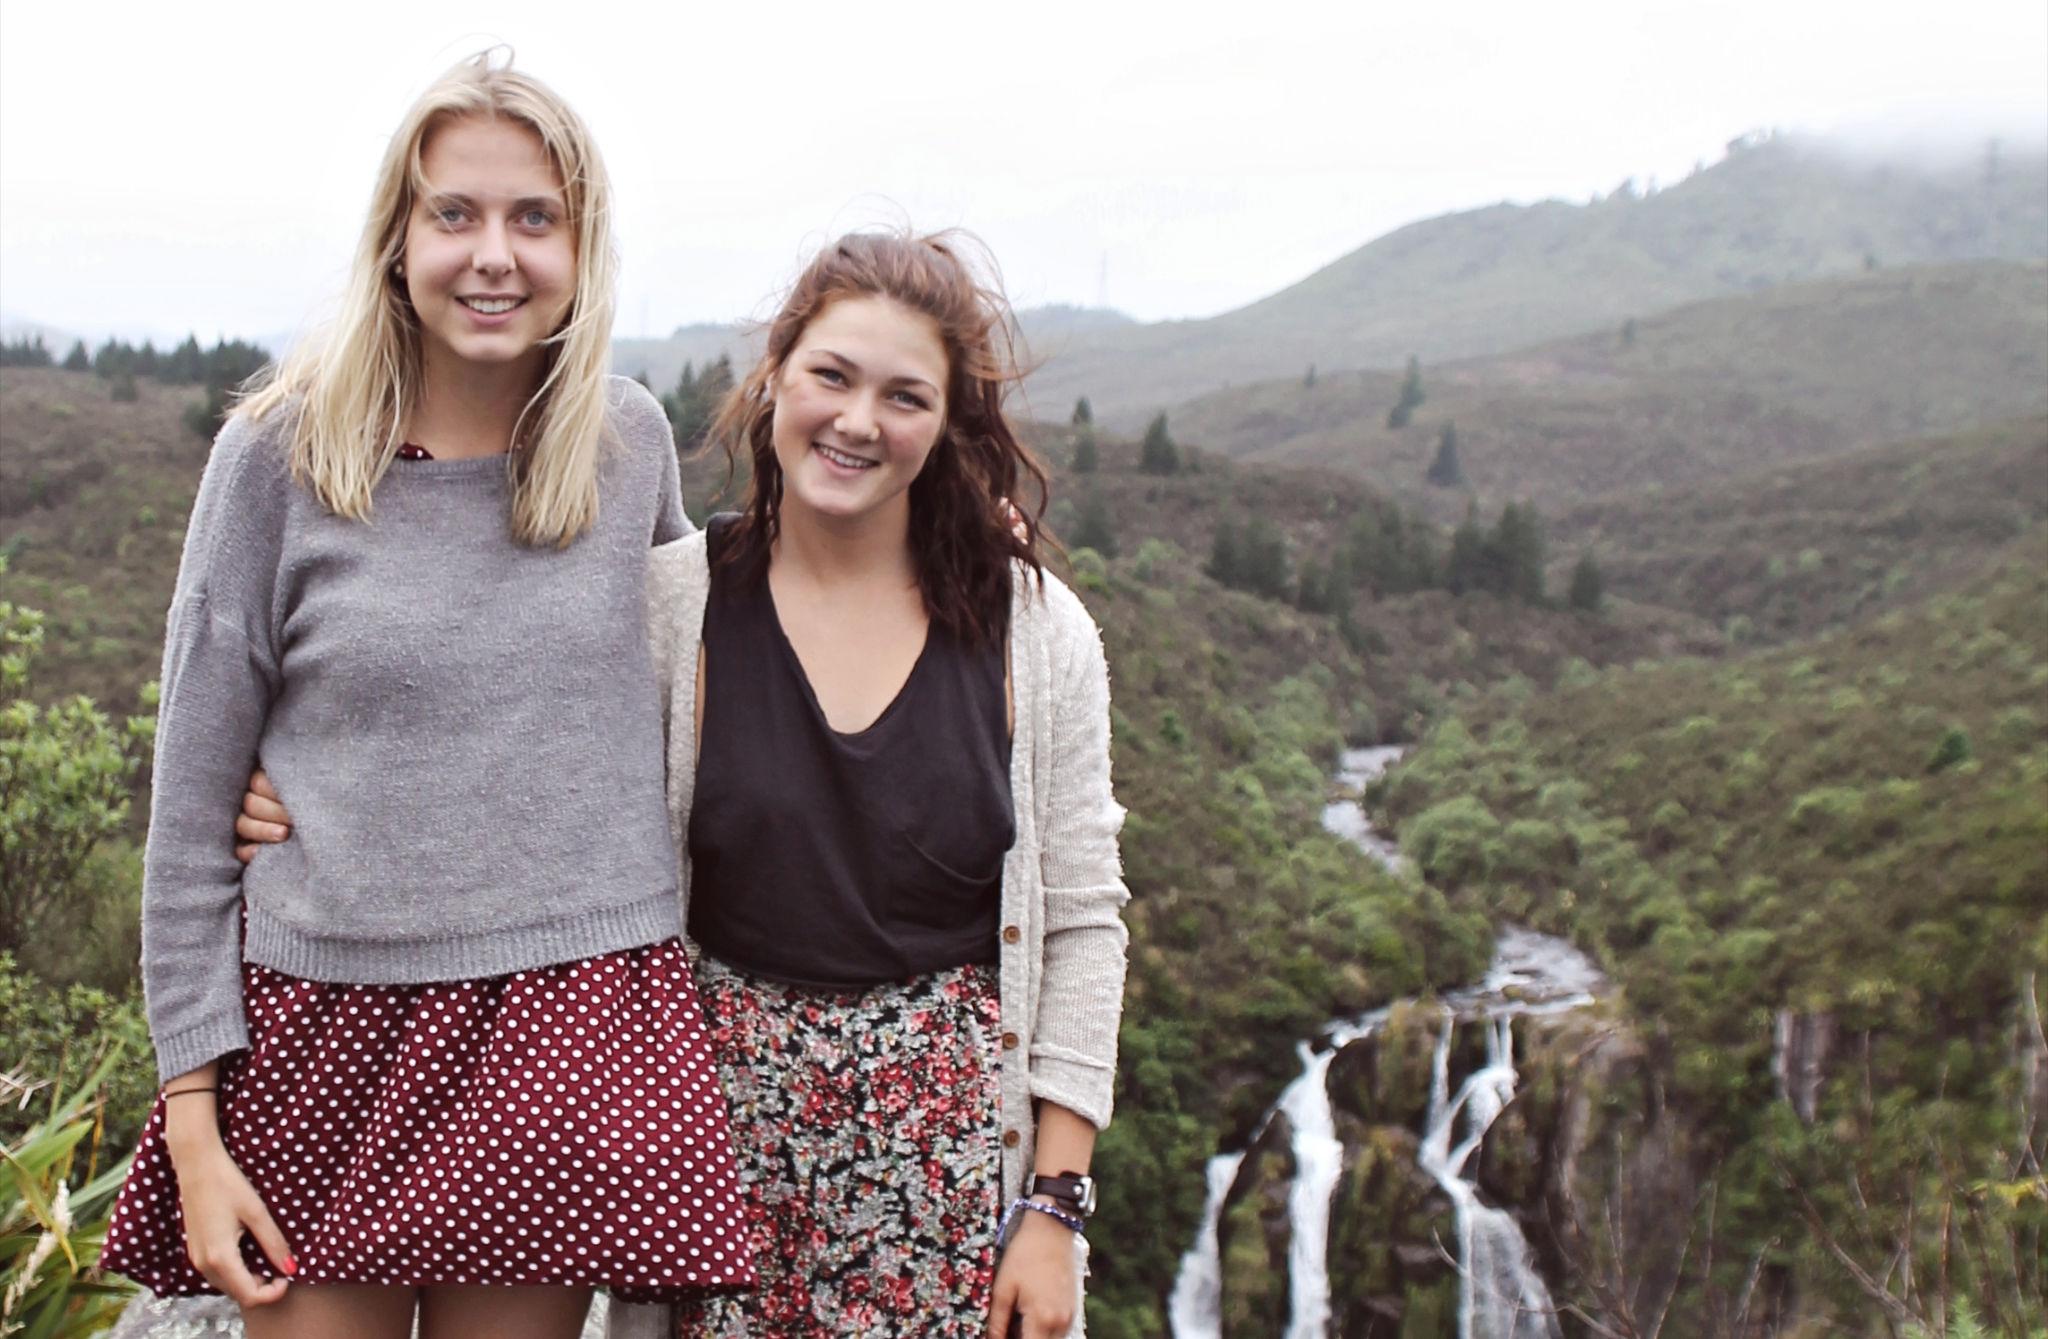 Nye venner på utveksling